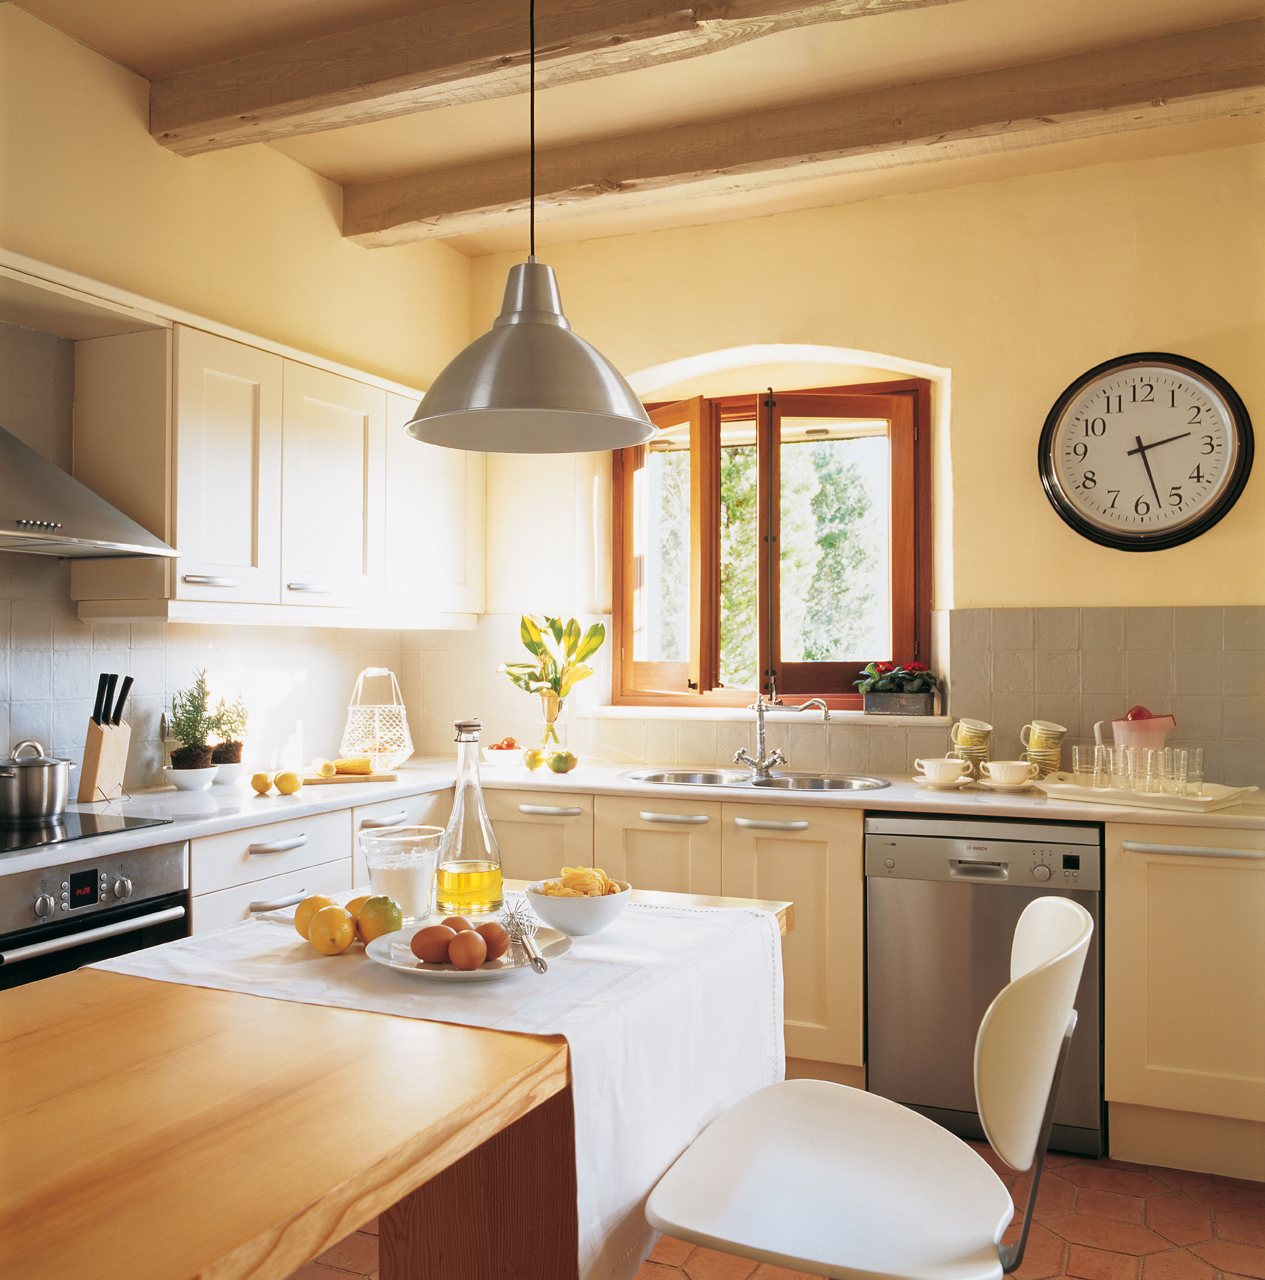 Cocina y baño como nuevos con un gasto mínimo